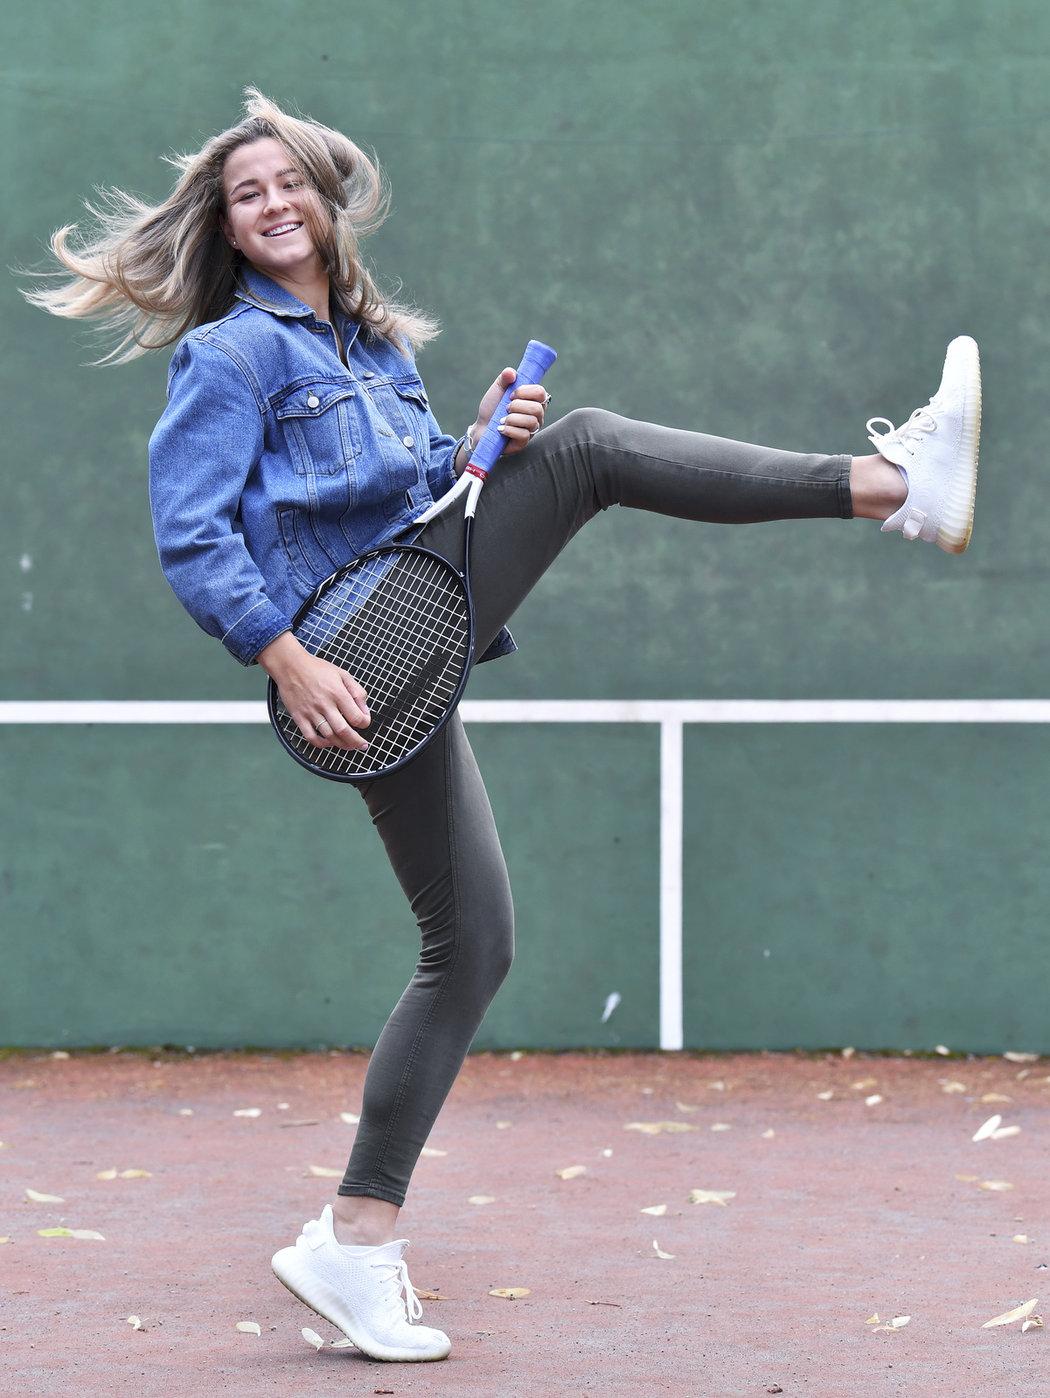 Překvapivým postupem do čtvrtfinále Wimbledonu si Karolína Muchová vysloužila novou kytaru, o kterou se vsadila s manažerem Tomášem Peterou